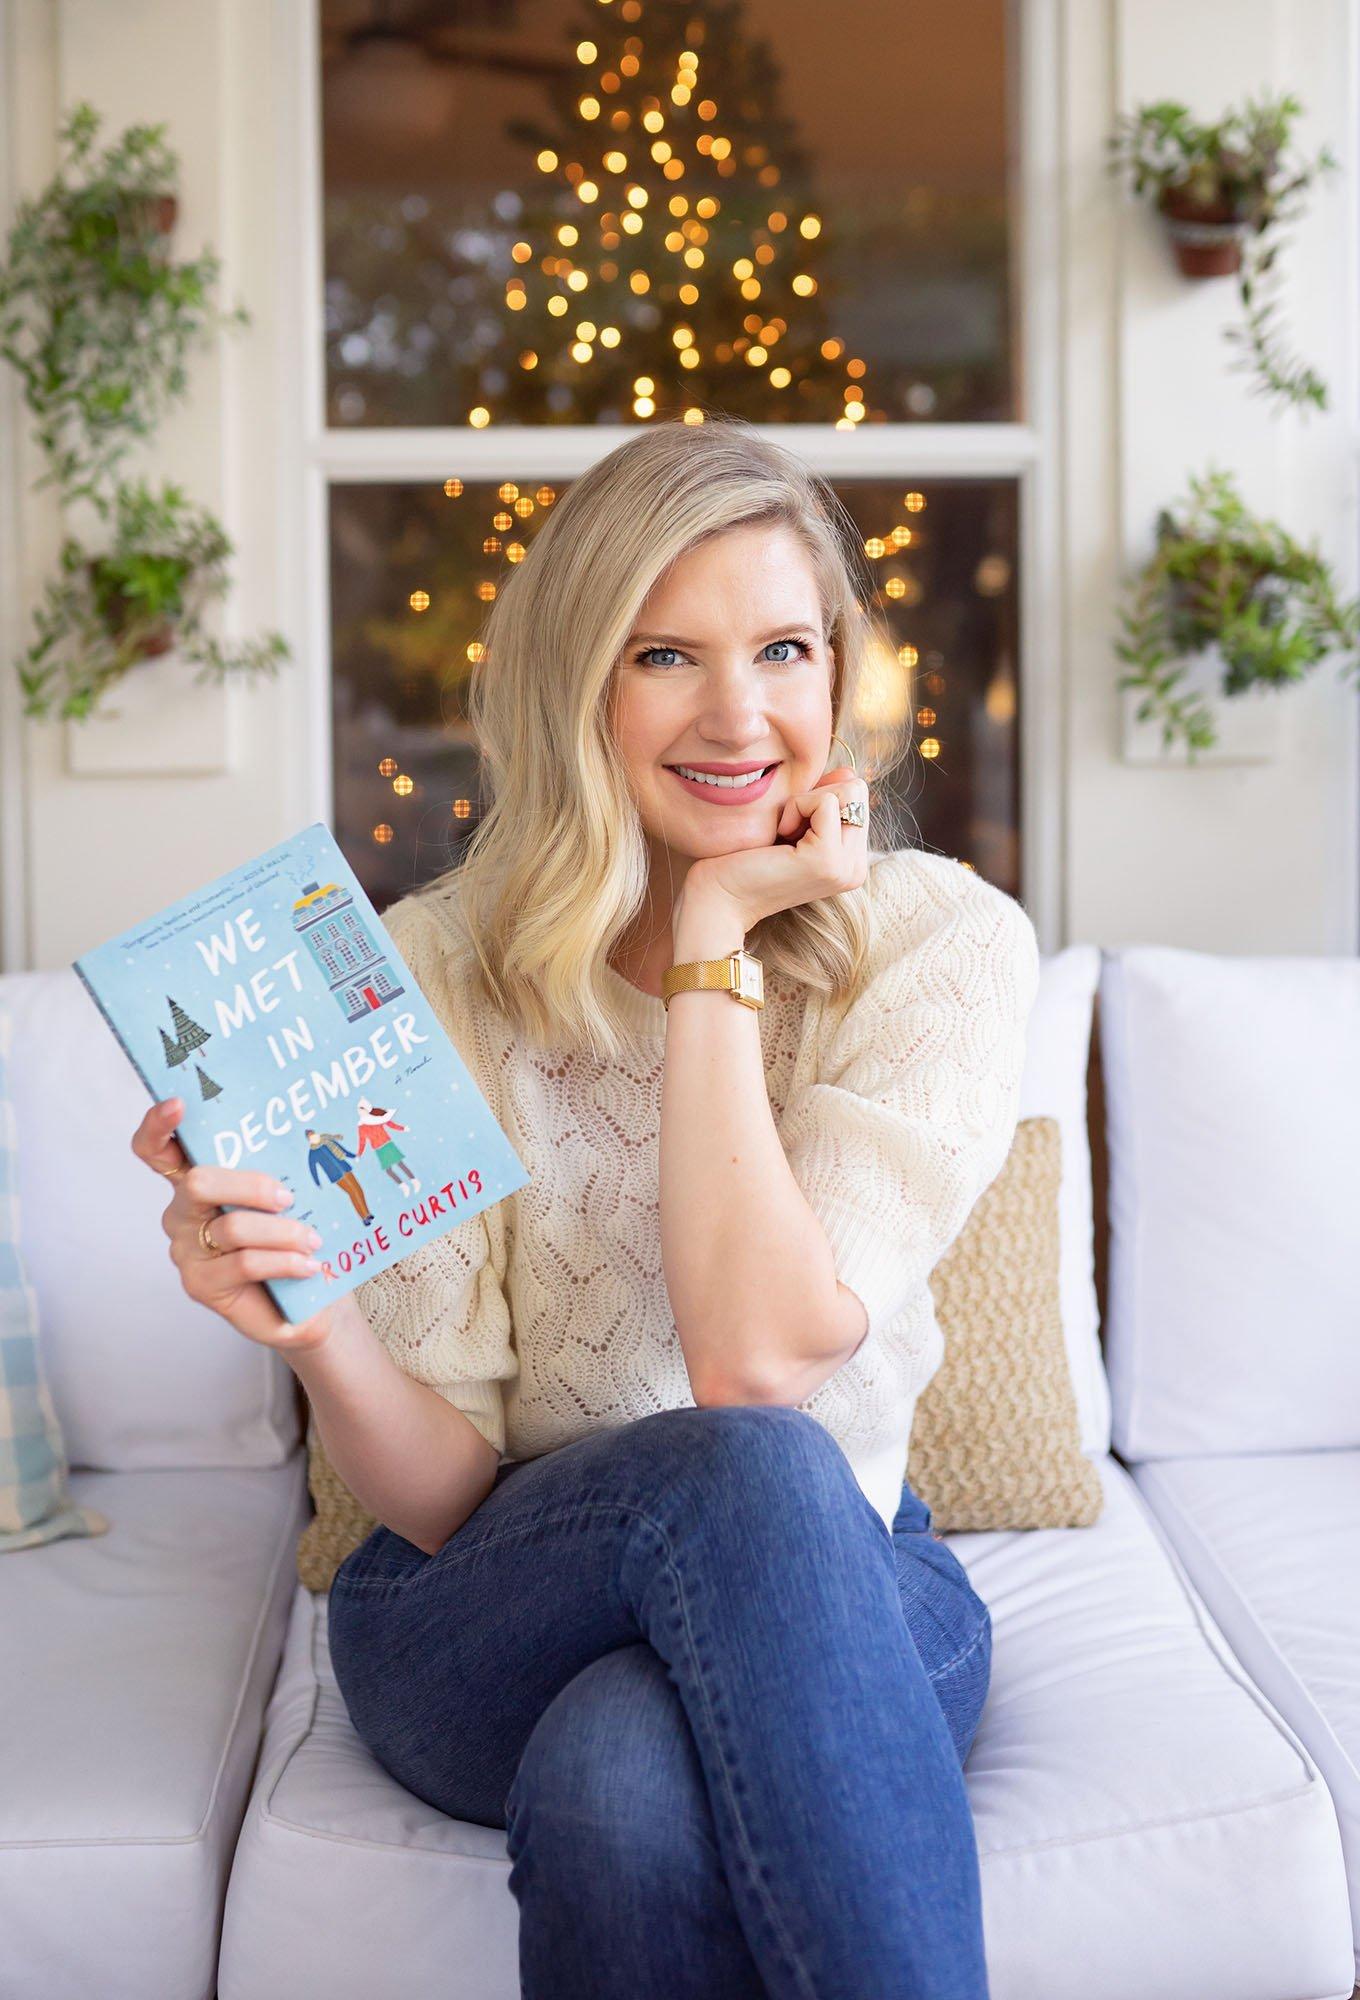 Ashley Brooke Book Club - We Met In December - Ver 1